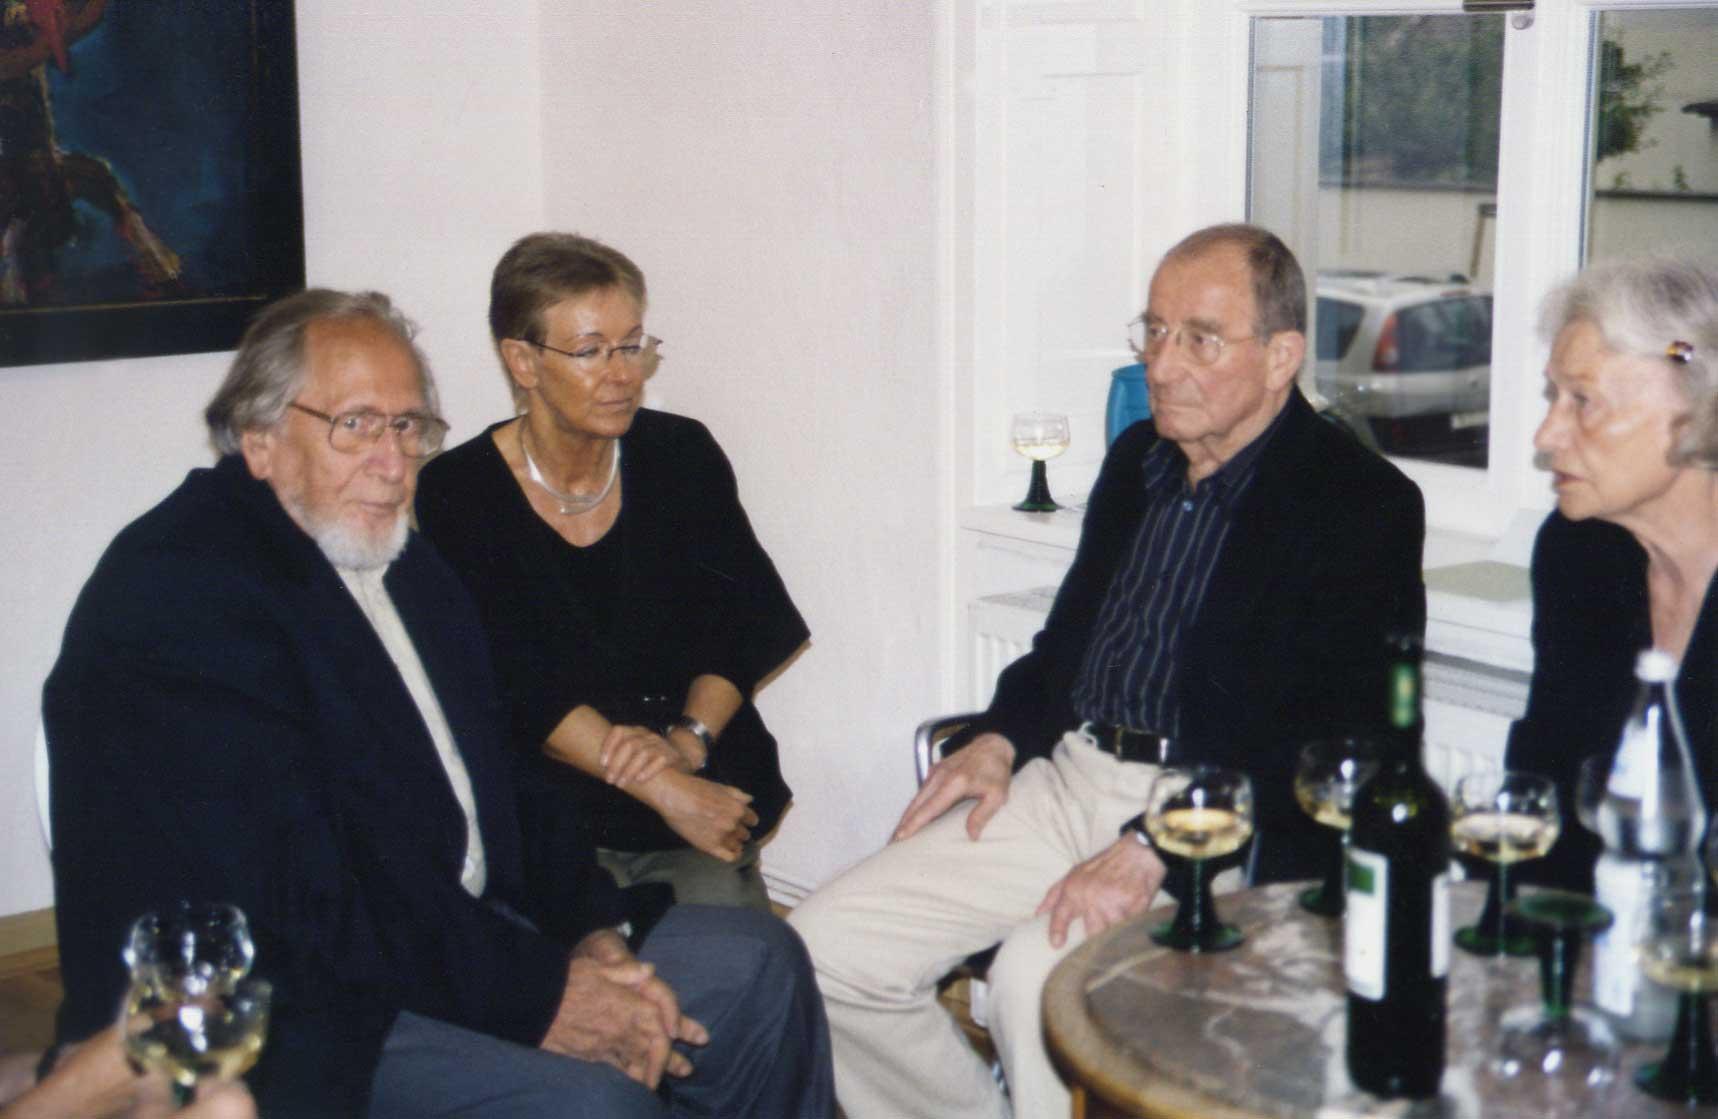 Bernhard Heisig begegnet Willi Sitte in seiner Ausstellung